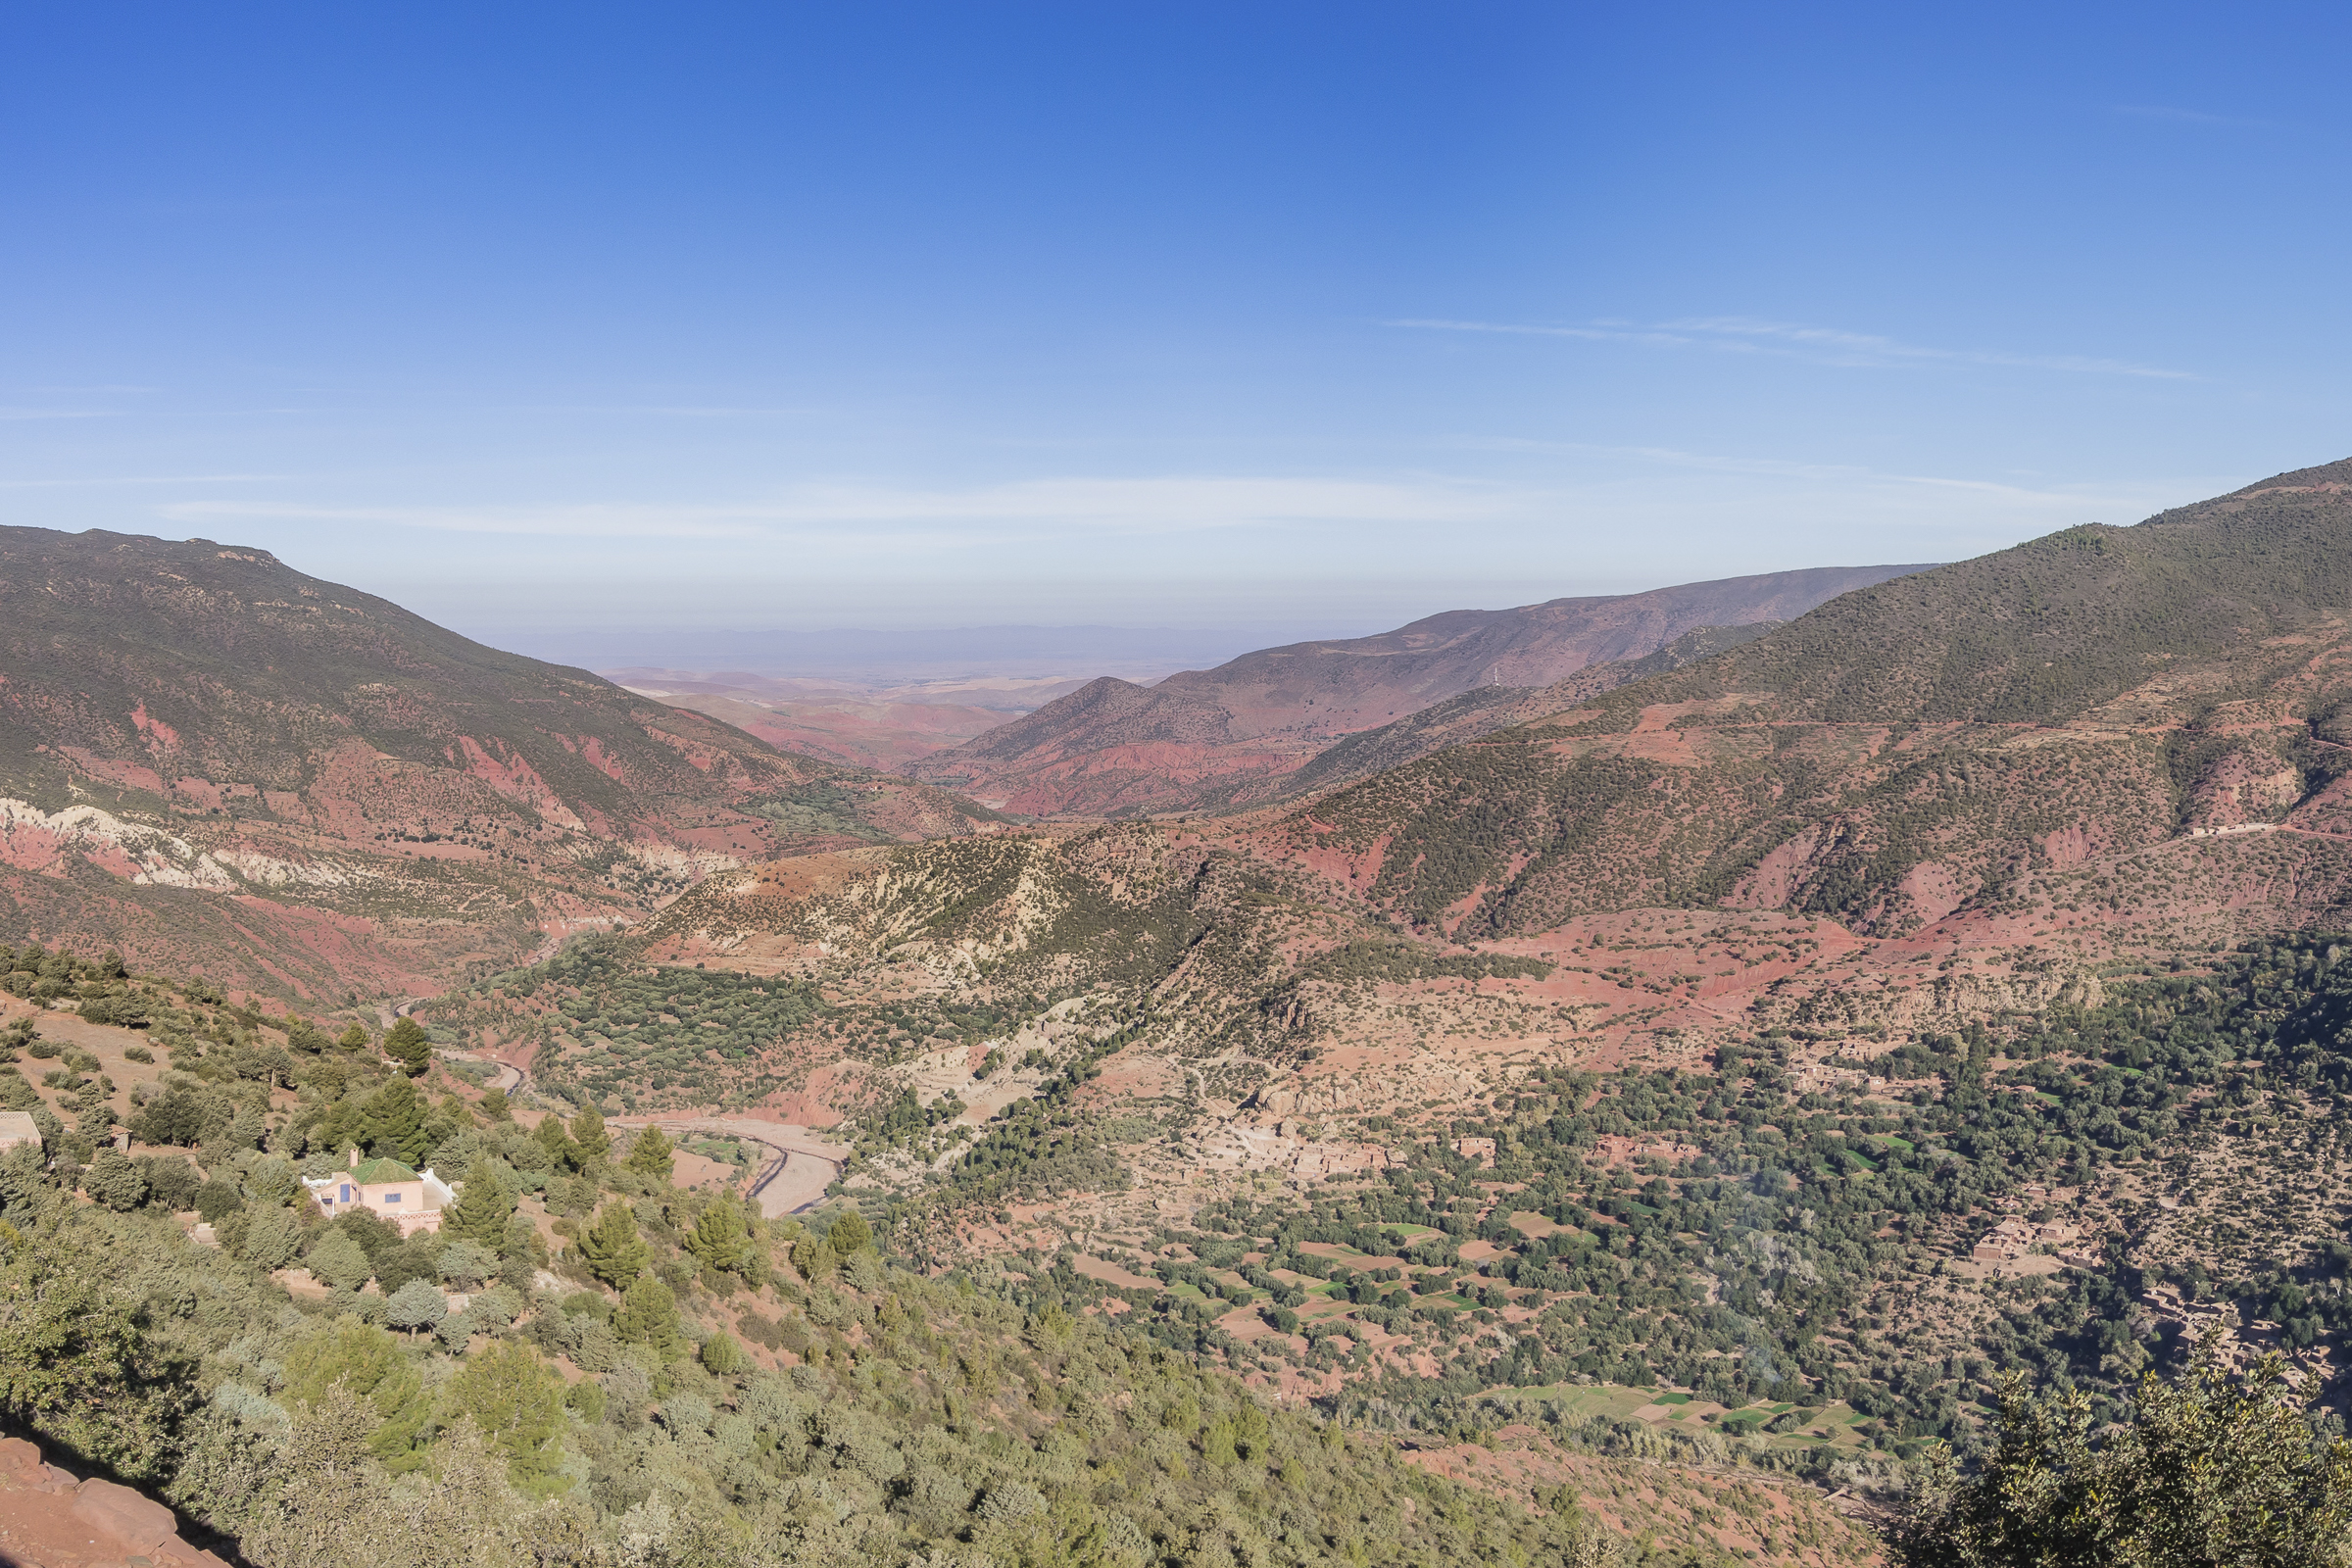 The Atlas Mountains near Marrakech